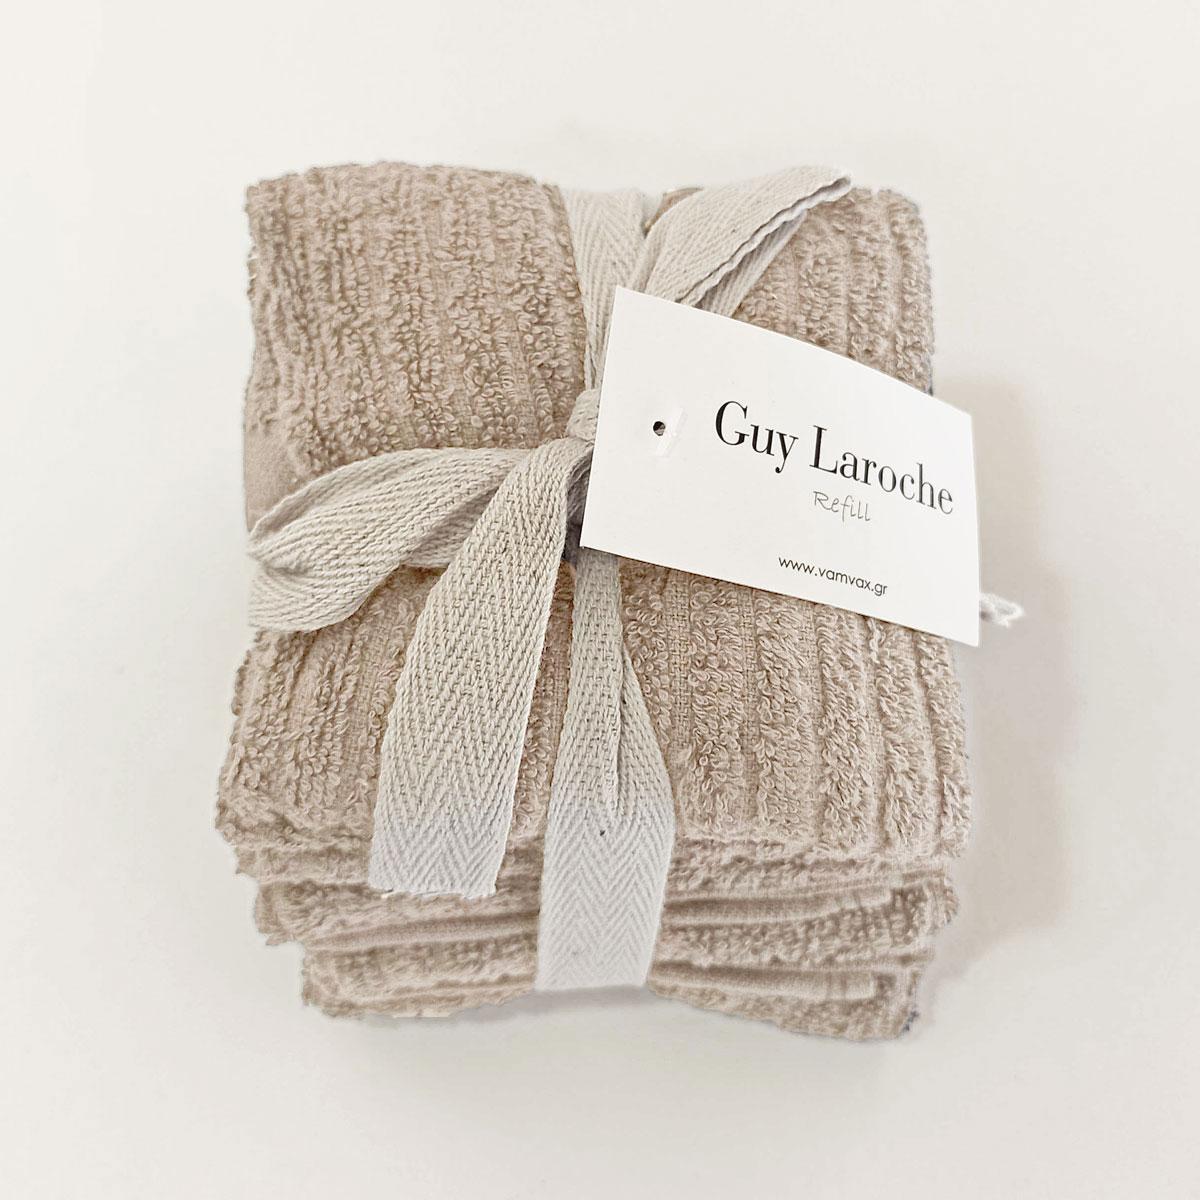 Λαβέτες (Σετ 6τμχ) Guy Laroche Guest Refill Lino